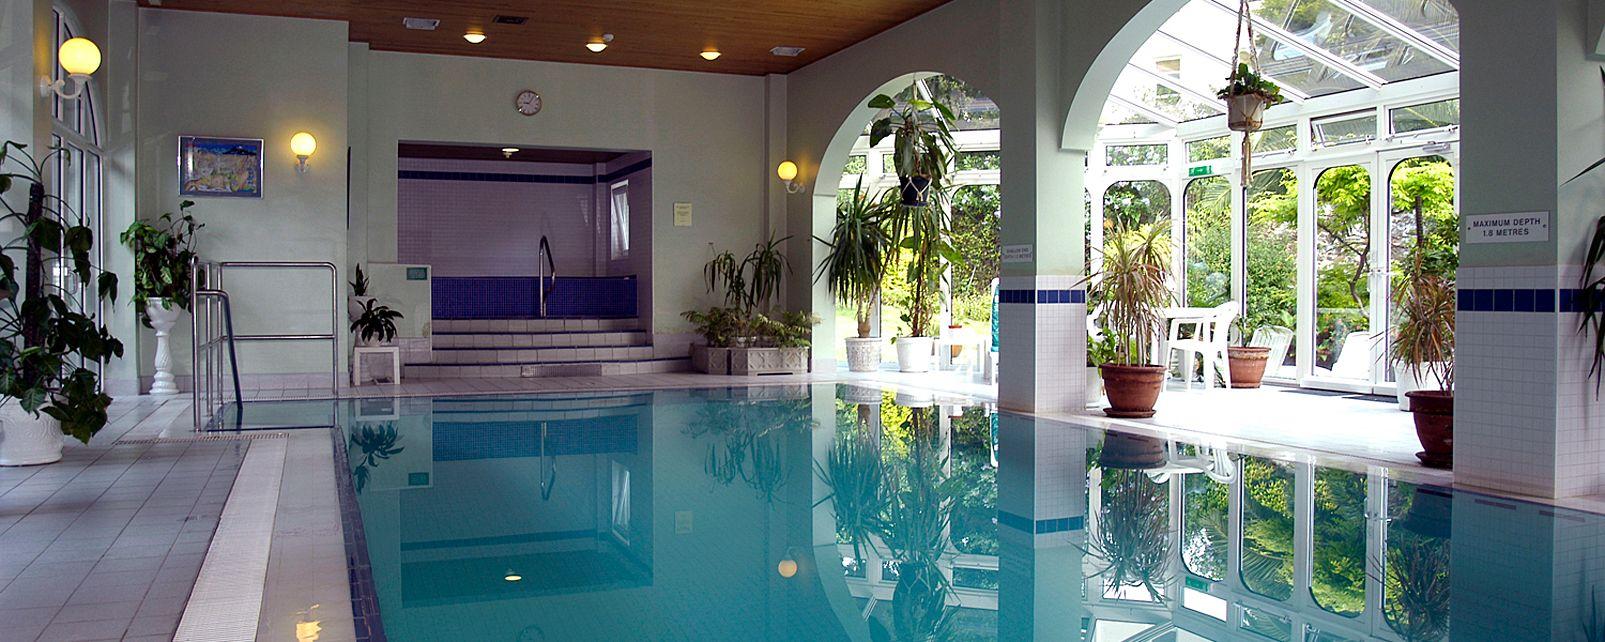 Hotel de Havelet